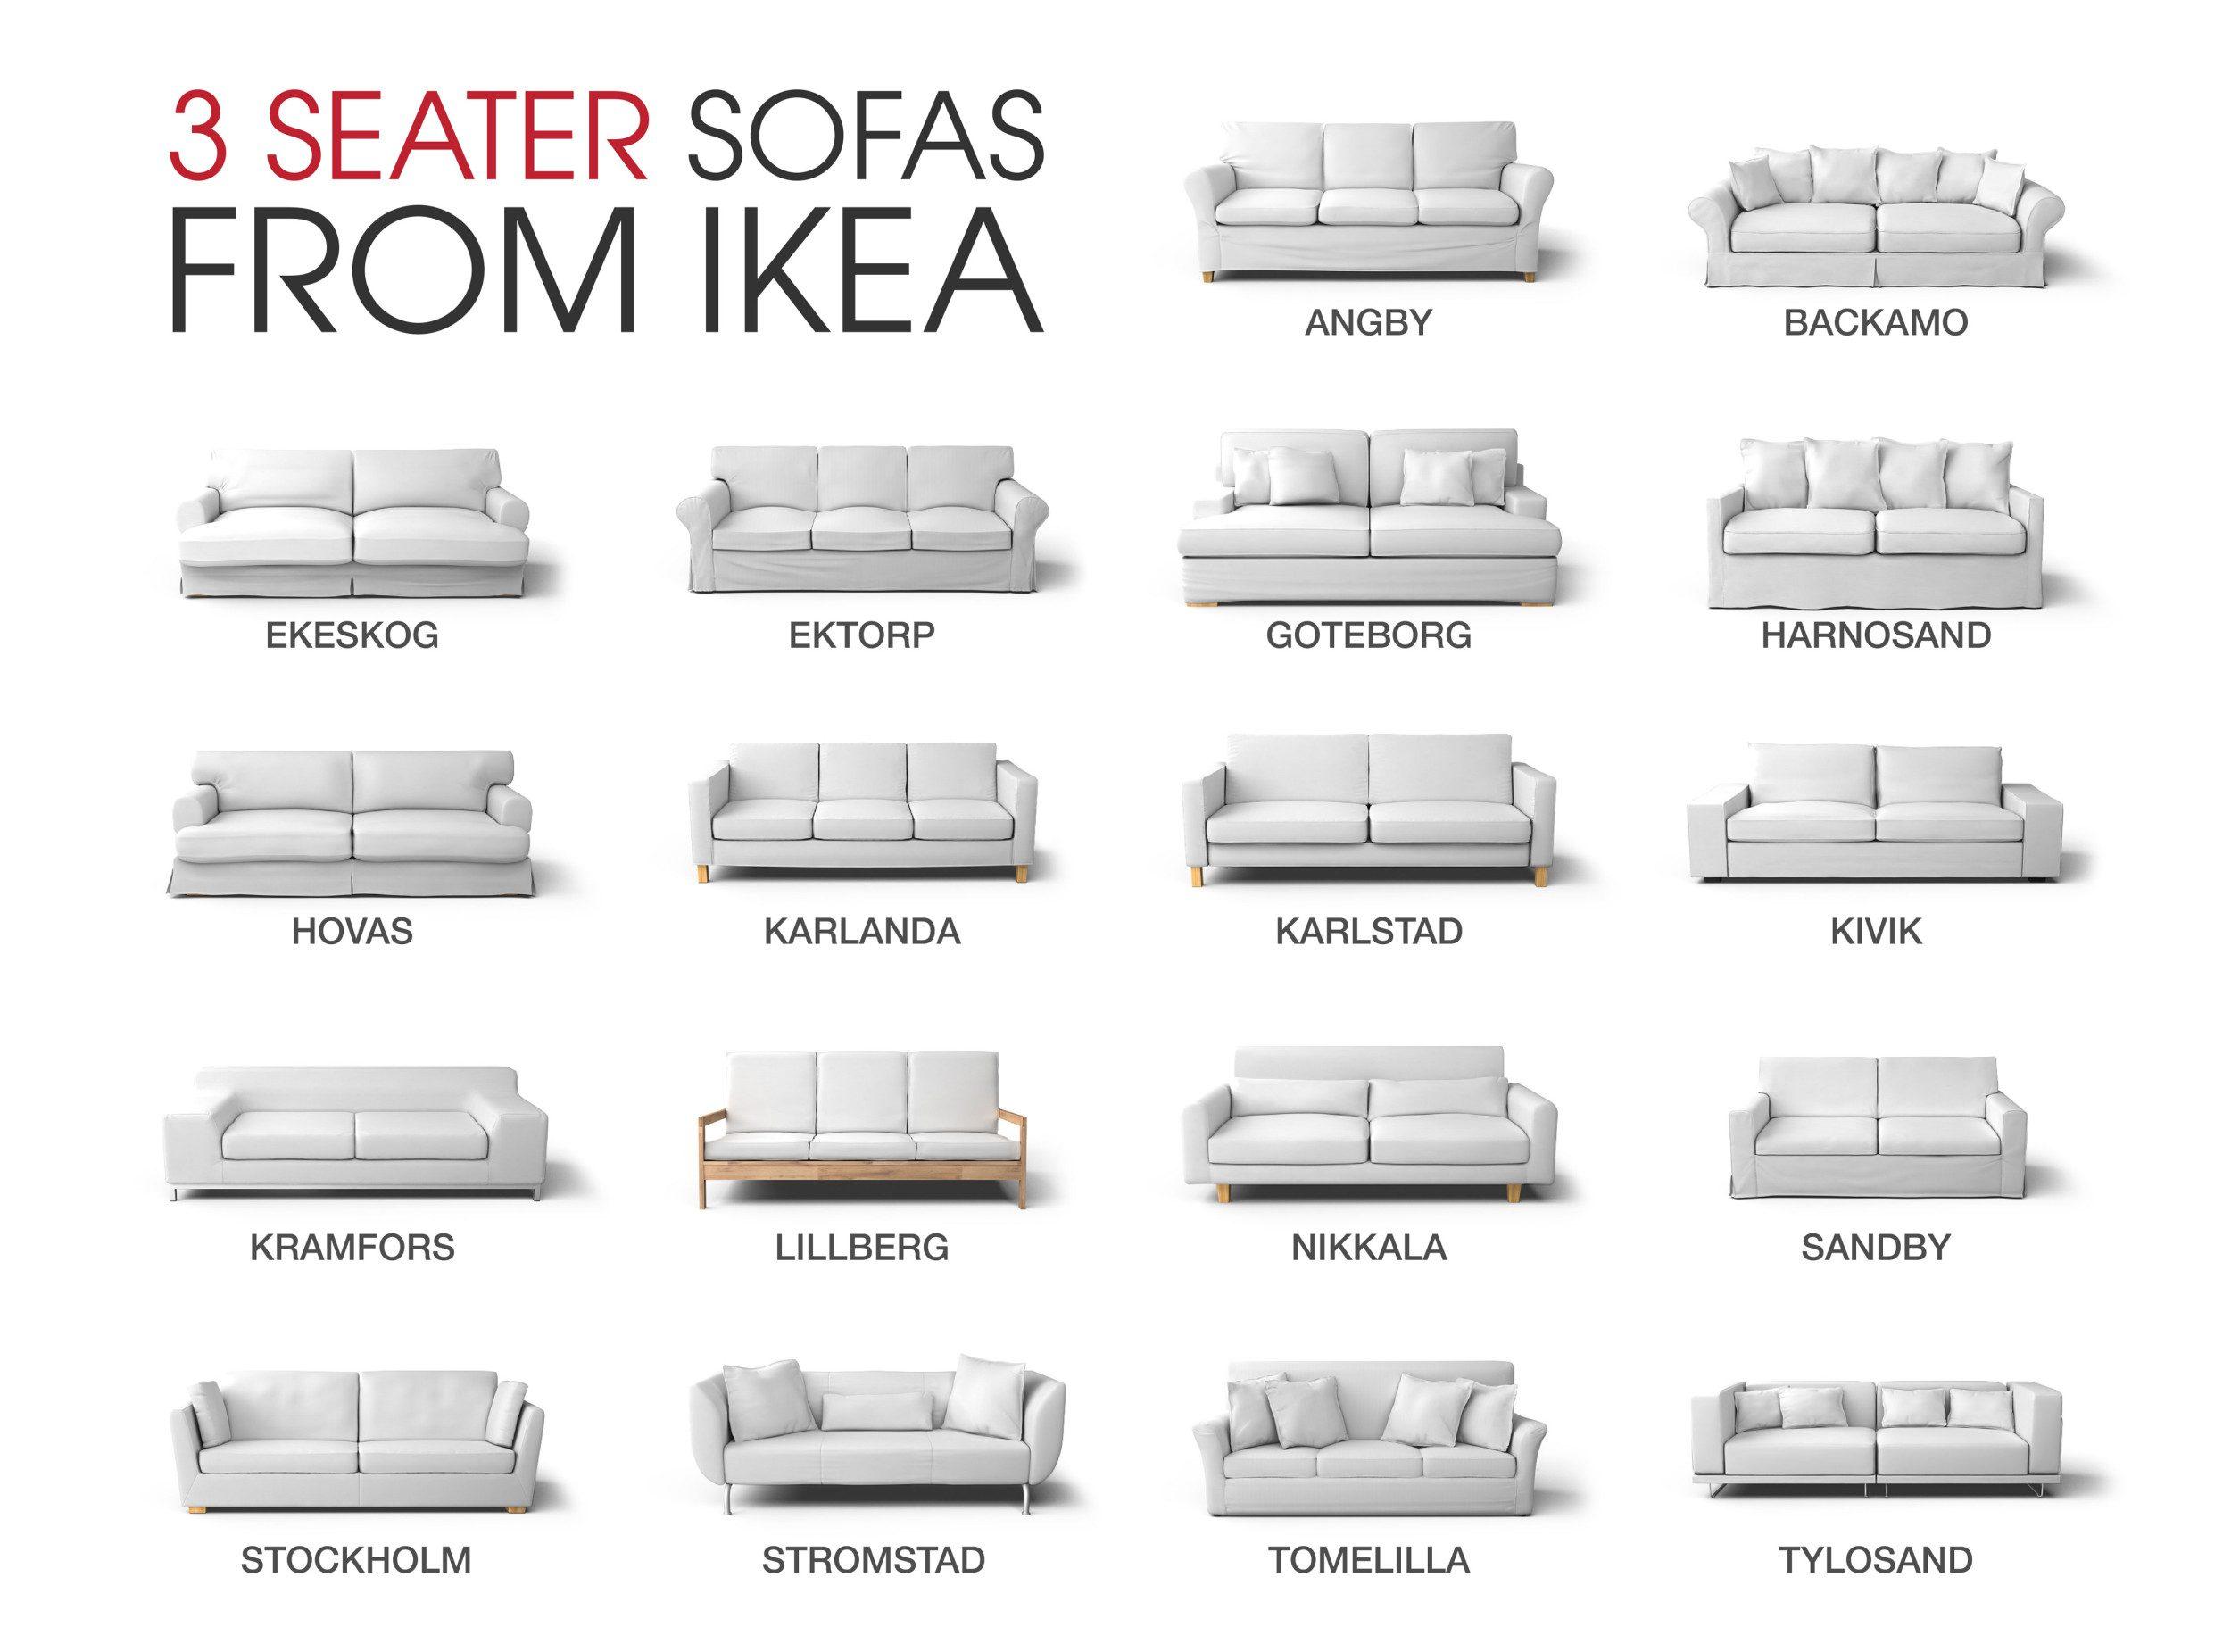 ikea-3-seater-sofas